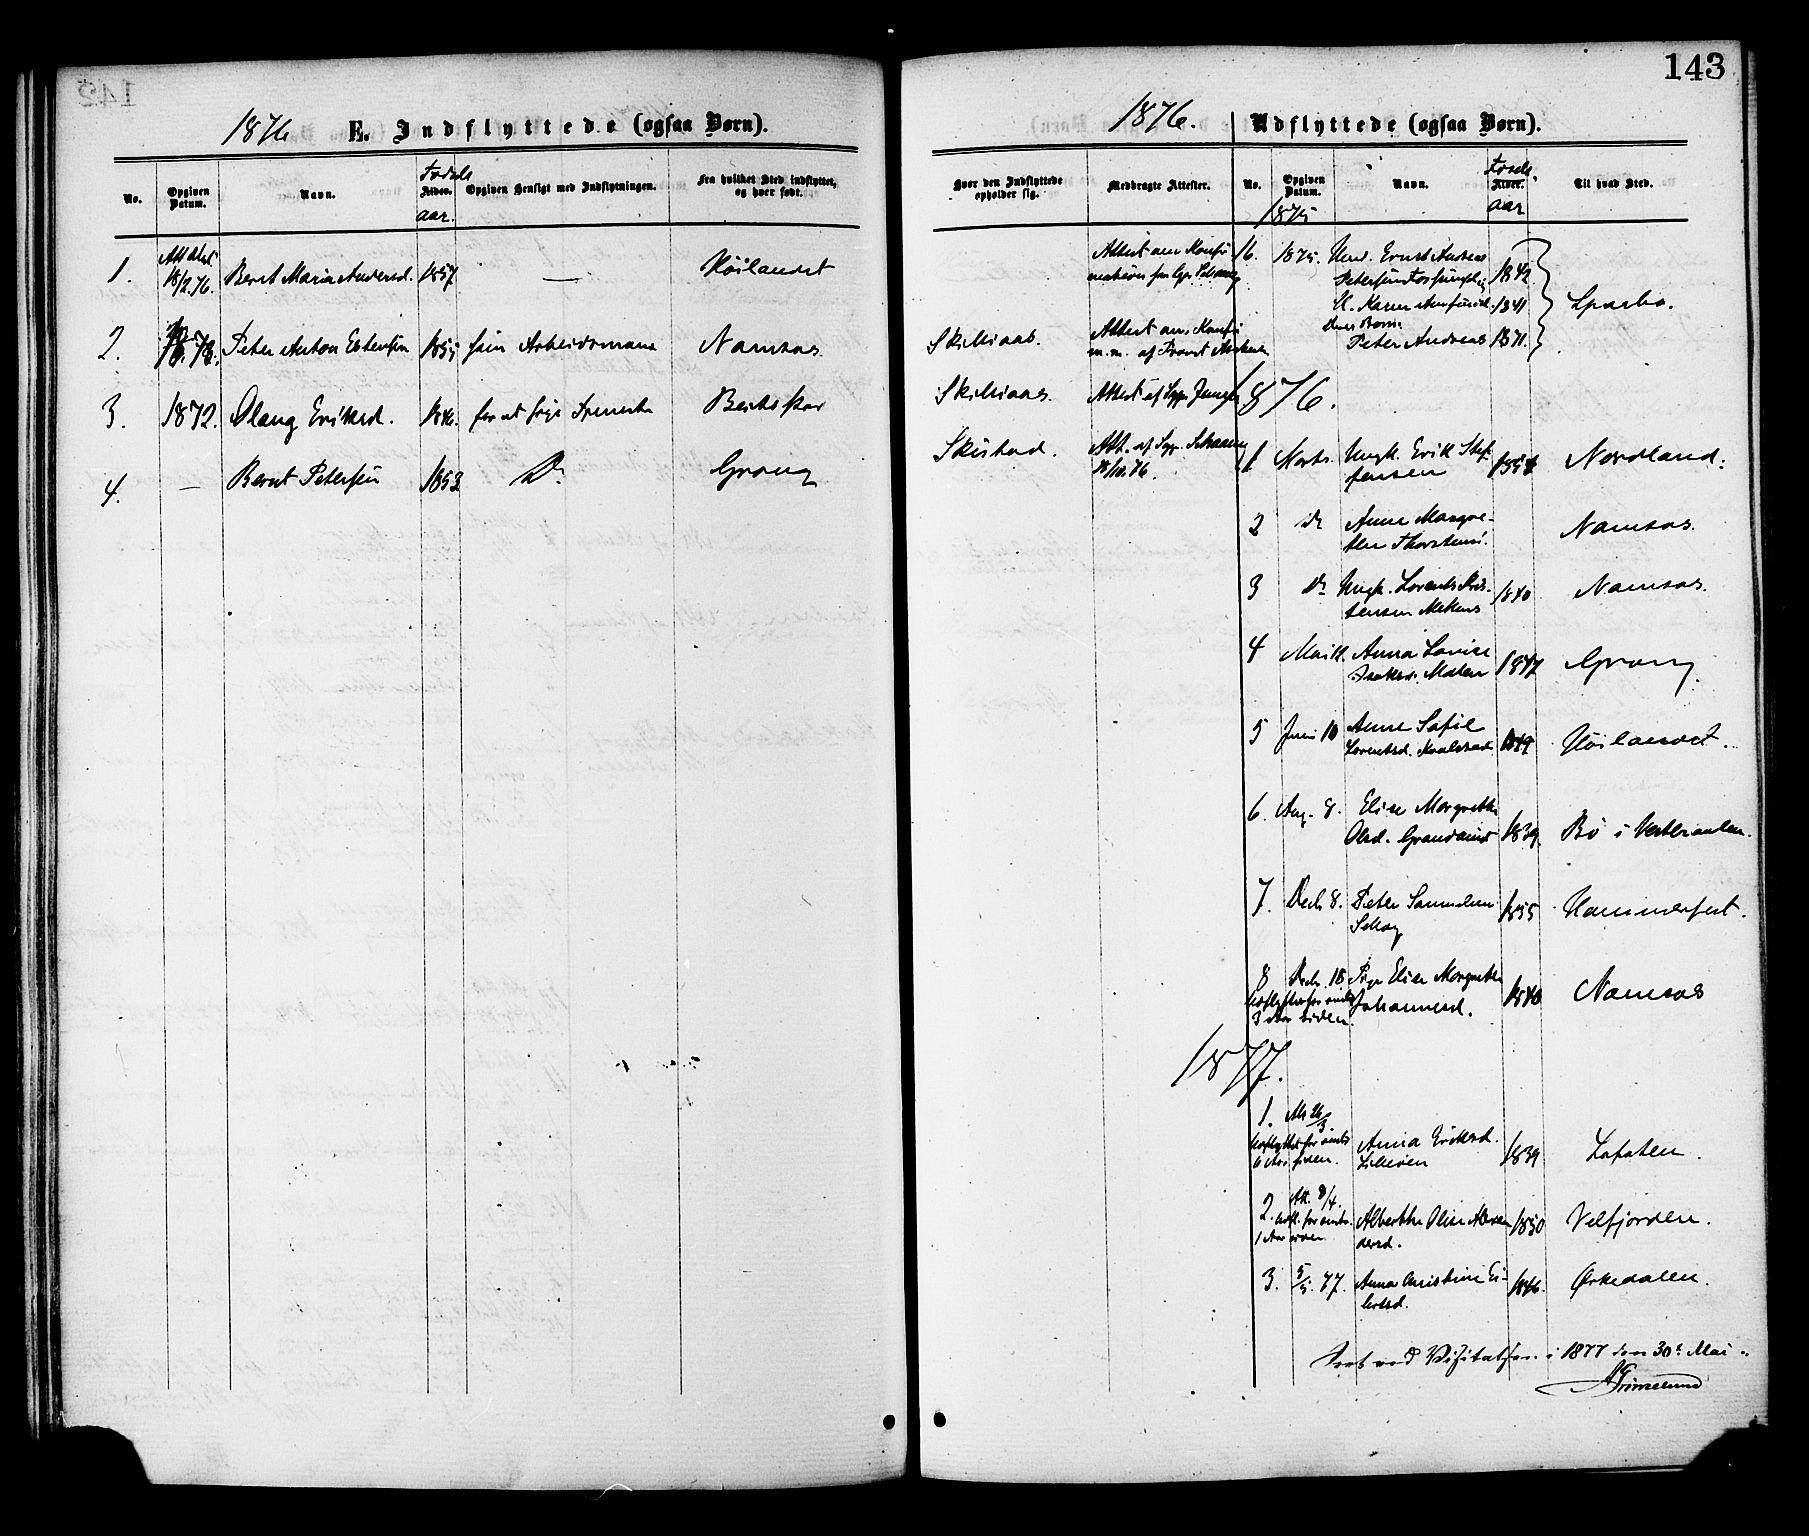 SAT, Ministerialprotokoller, klokkerbøker og fødselsregistre - Nord-Trøndelag, 764/L0554: Ministerialbok nr. 764A09, 1867-1880, s. 143